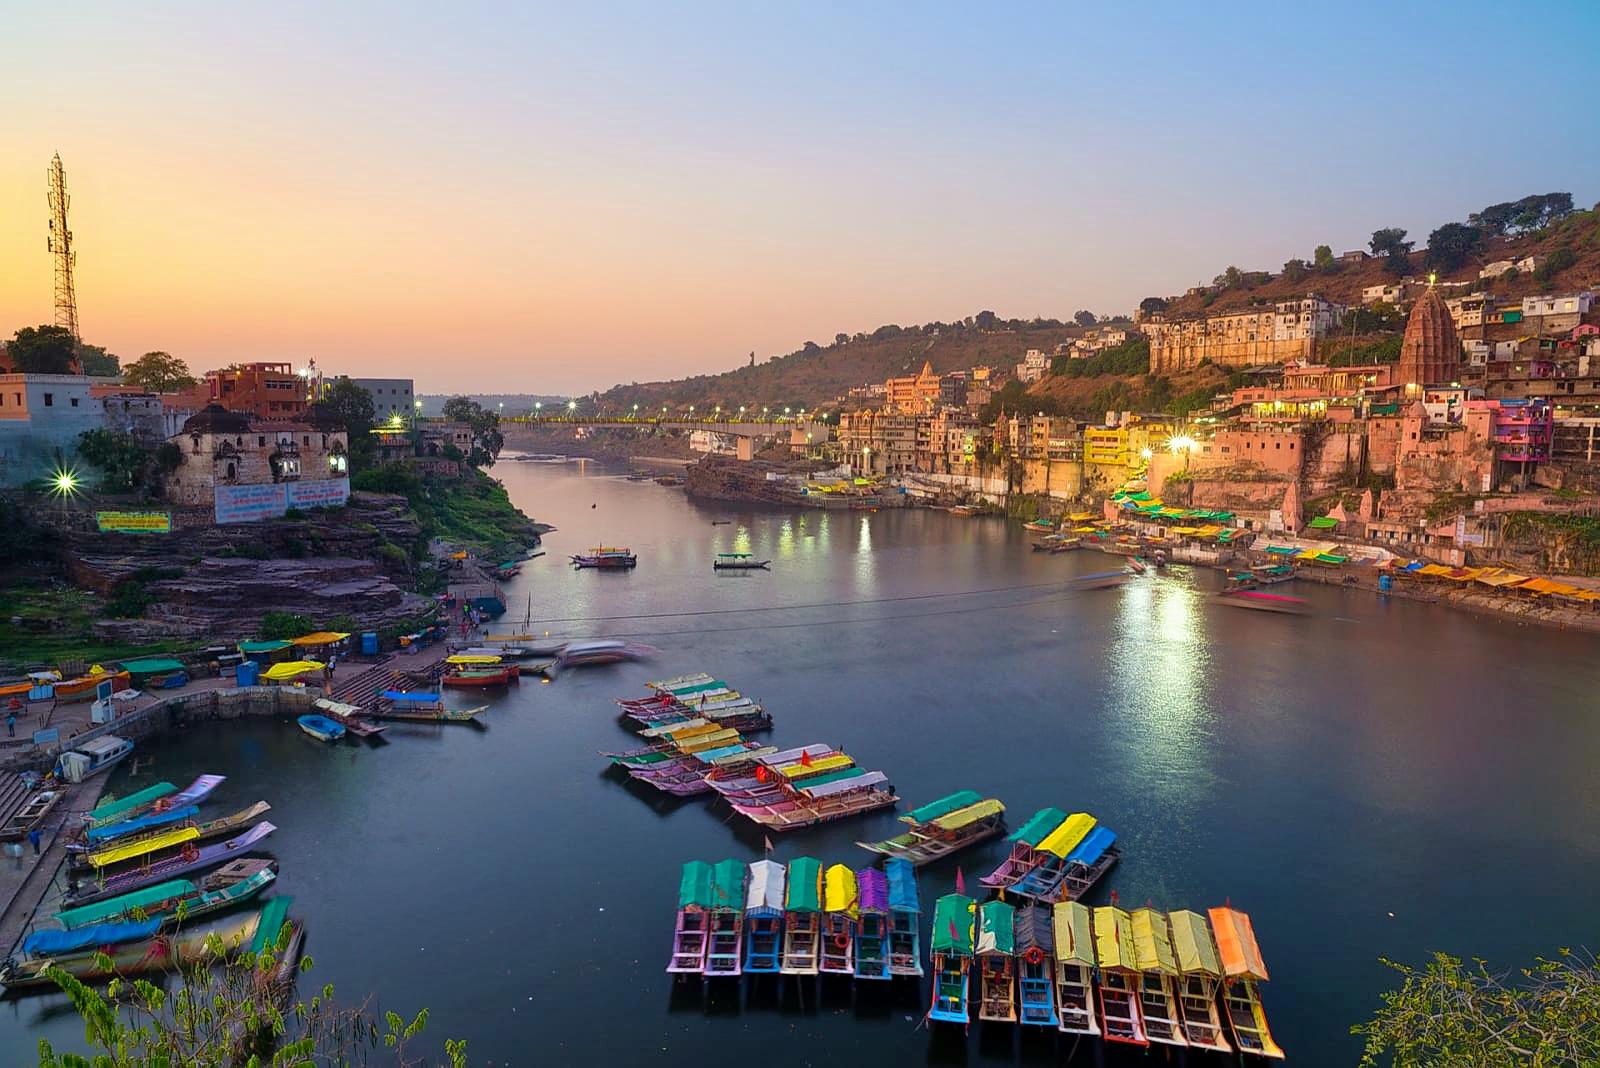 1542870553_east-nimar-omkareshwar-148410039242-orijgp.jpg